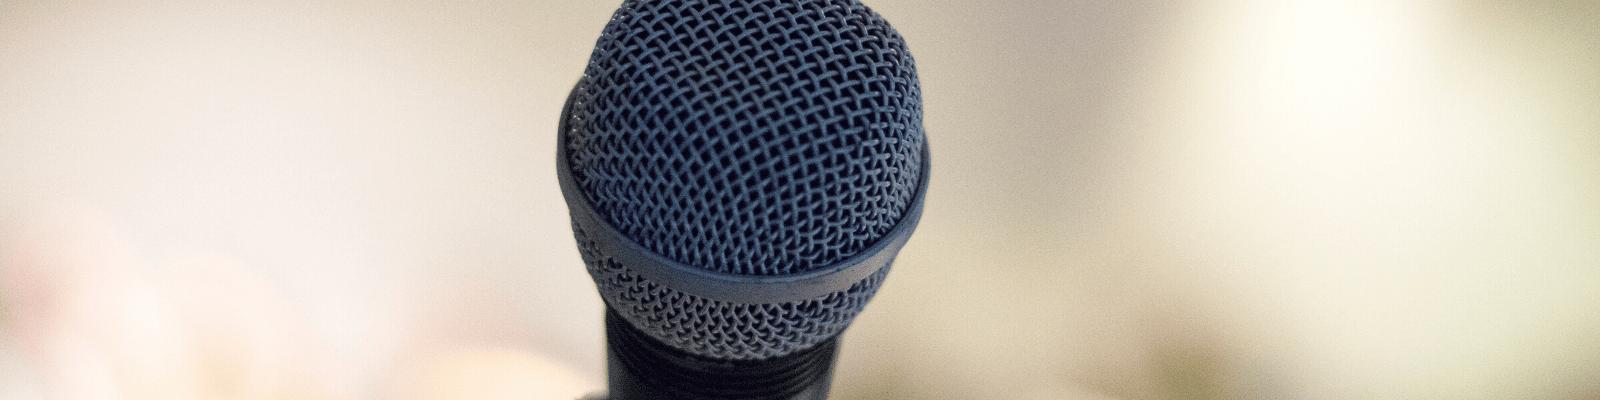 Bilingual_Speakers_header